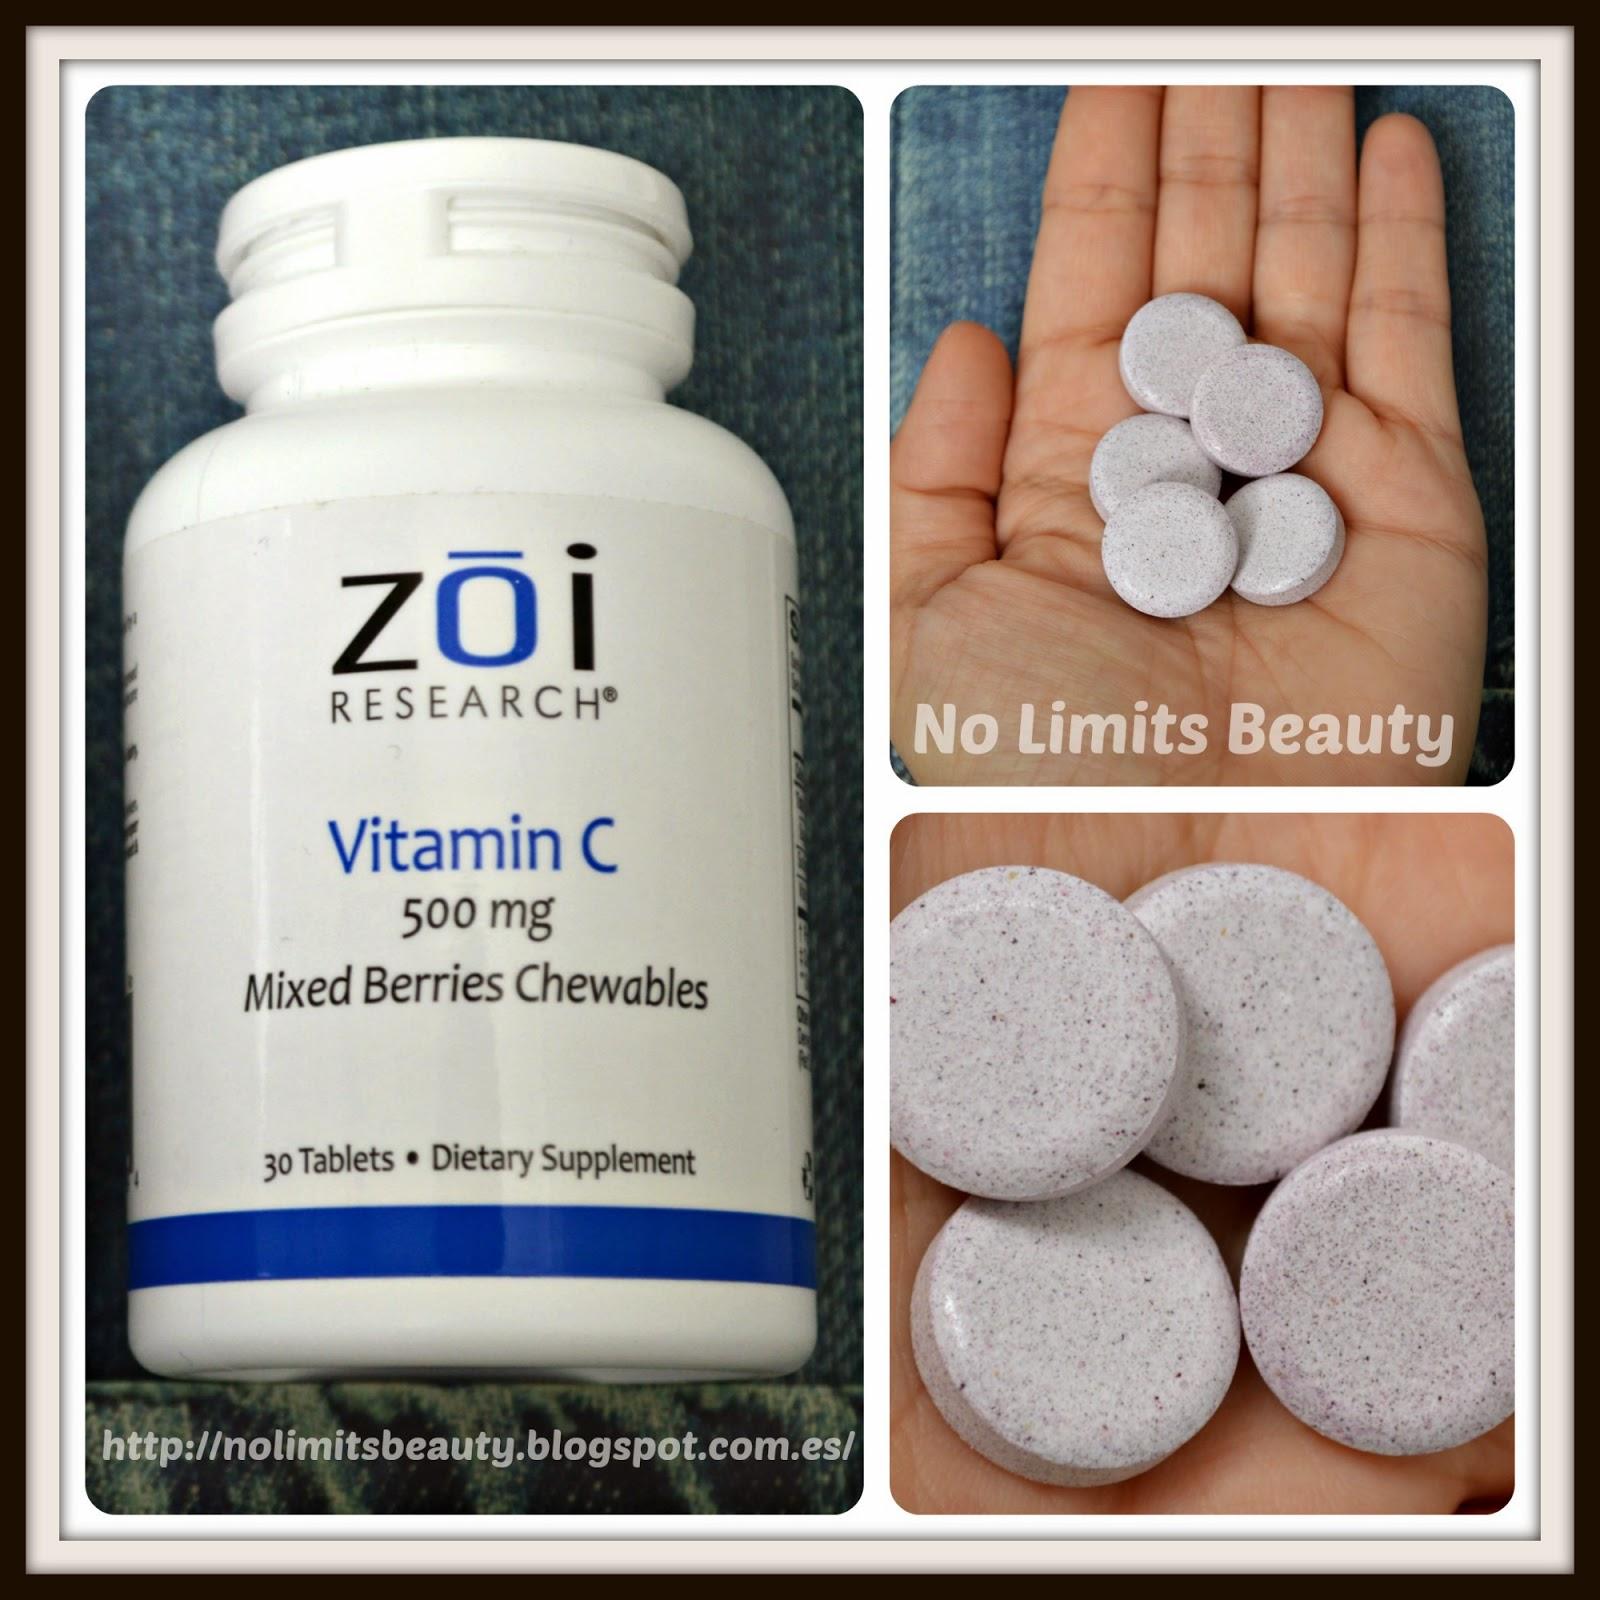 Vitamina C de ZOI